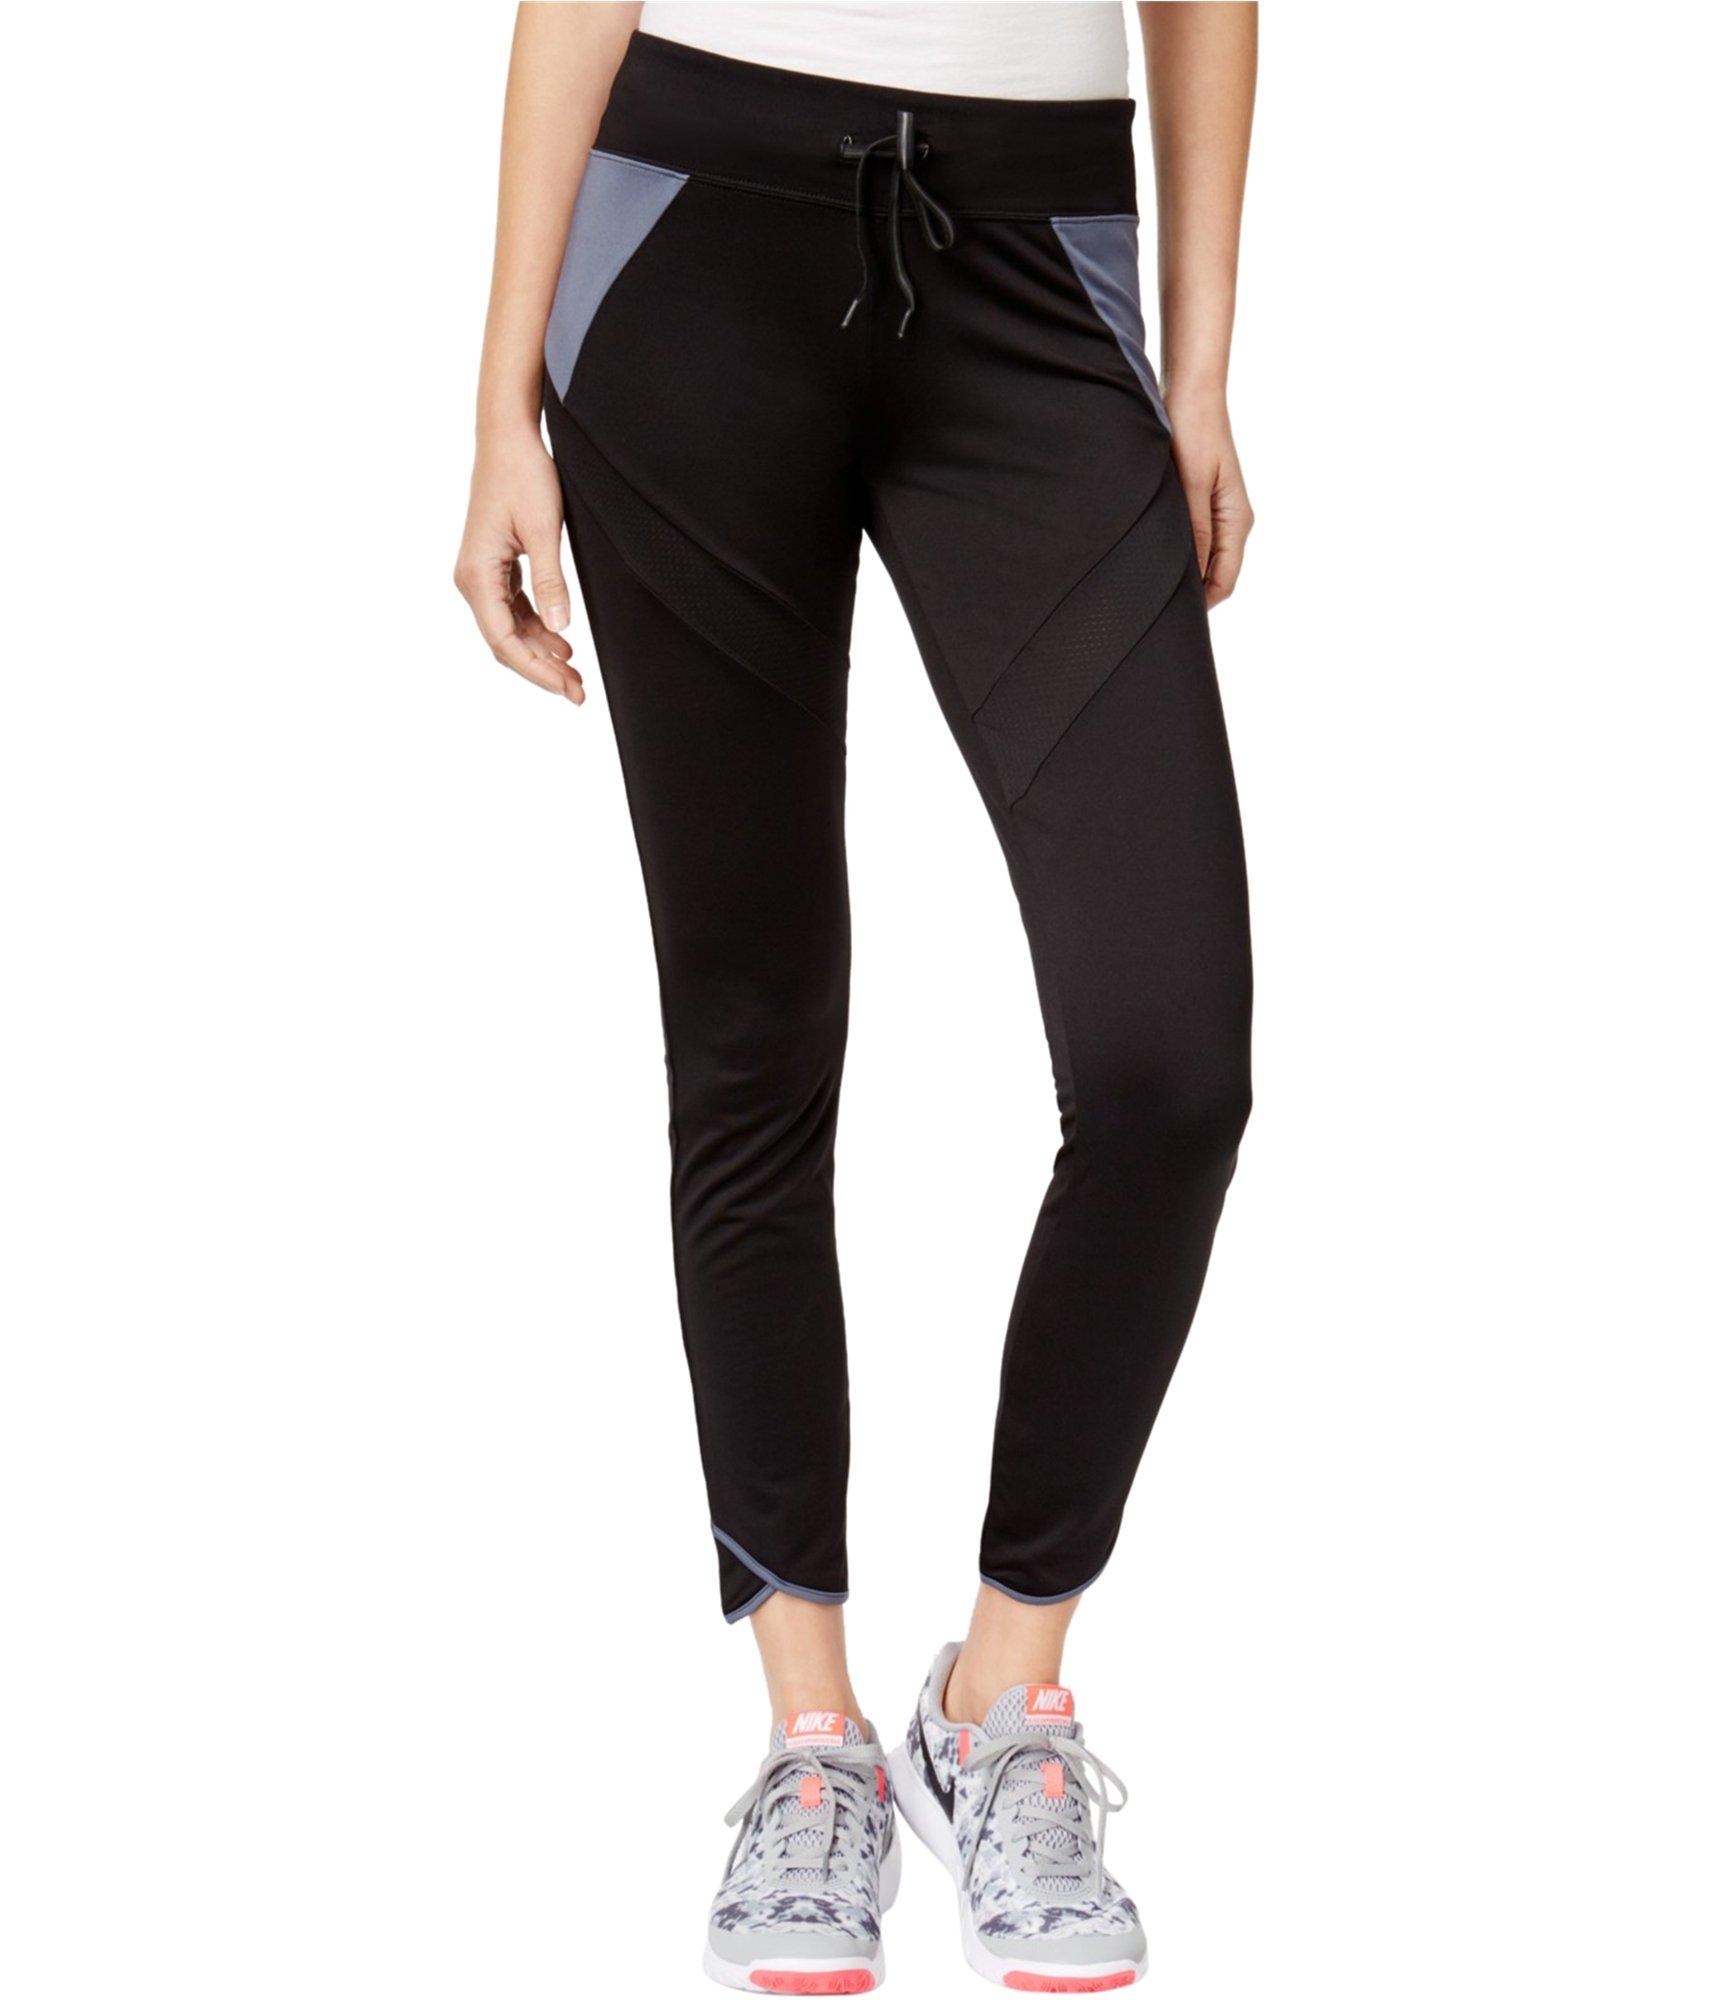 Energie Womens Harper Colorblocked Casual Leggings Black L/37 - Juniors